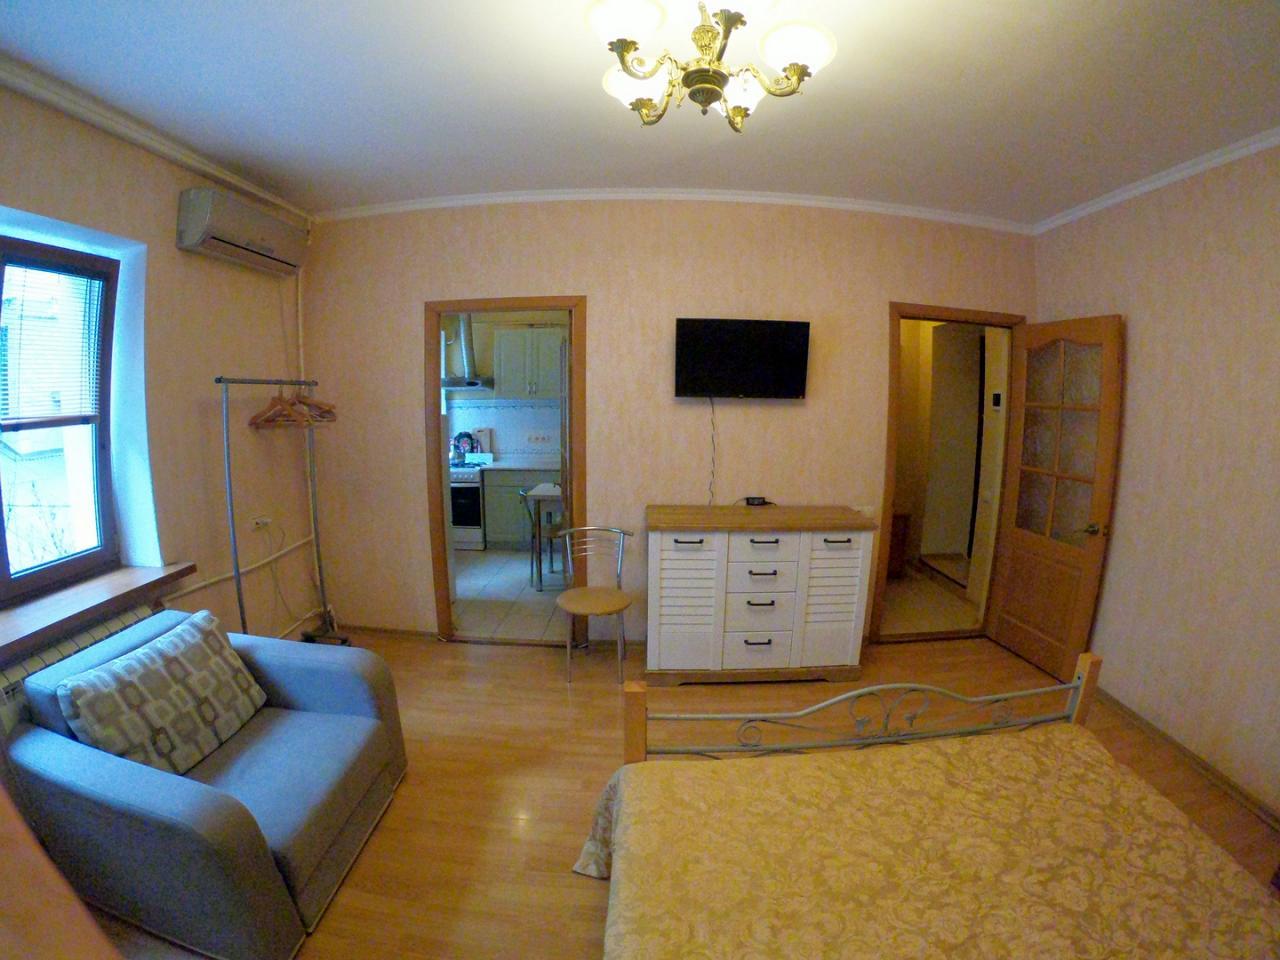 Квартира в Ялте рядом с пляжем. 7 минут до моря пешком. (3)